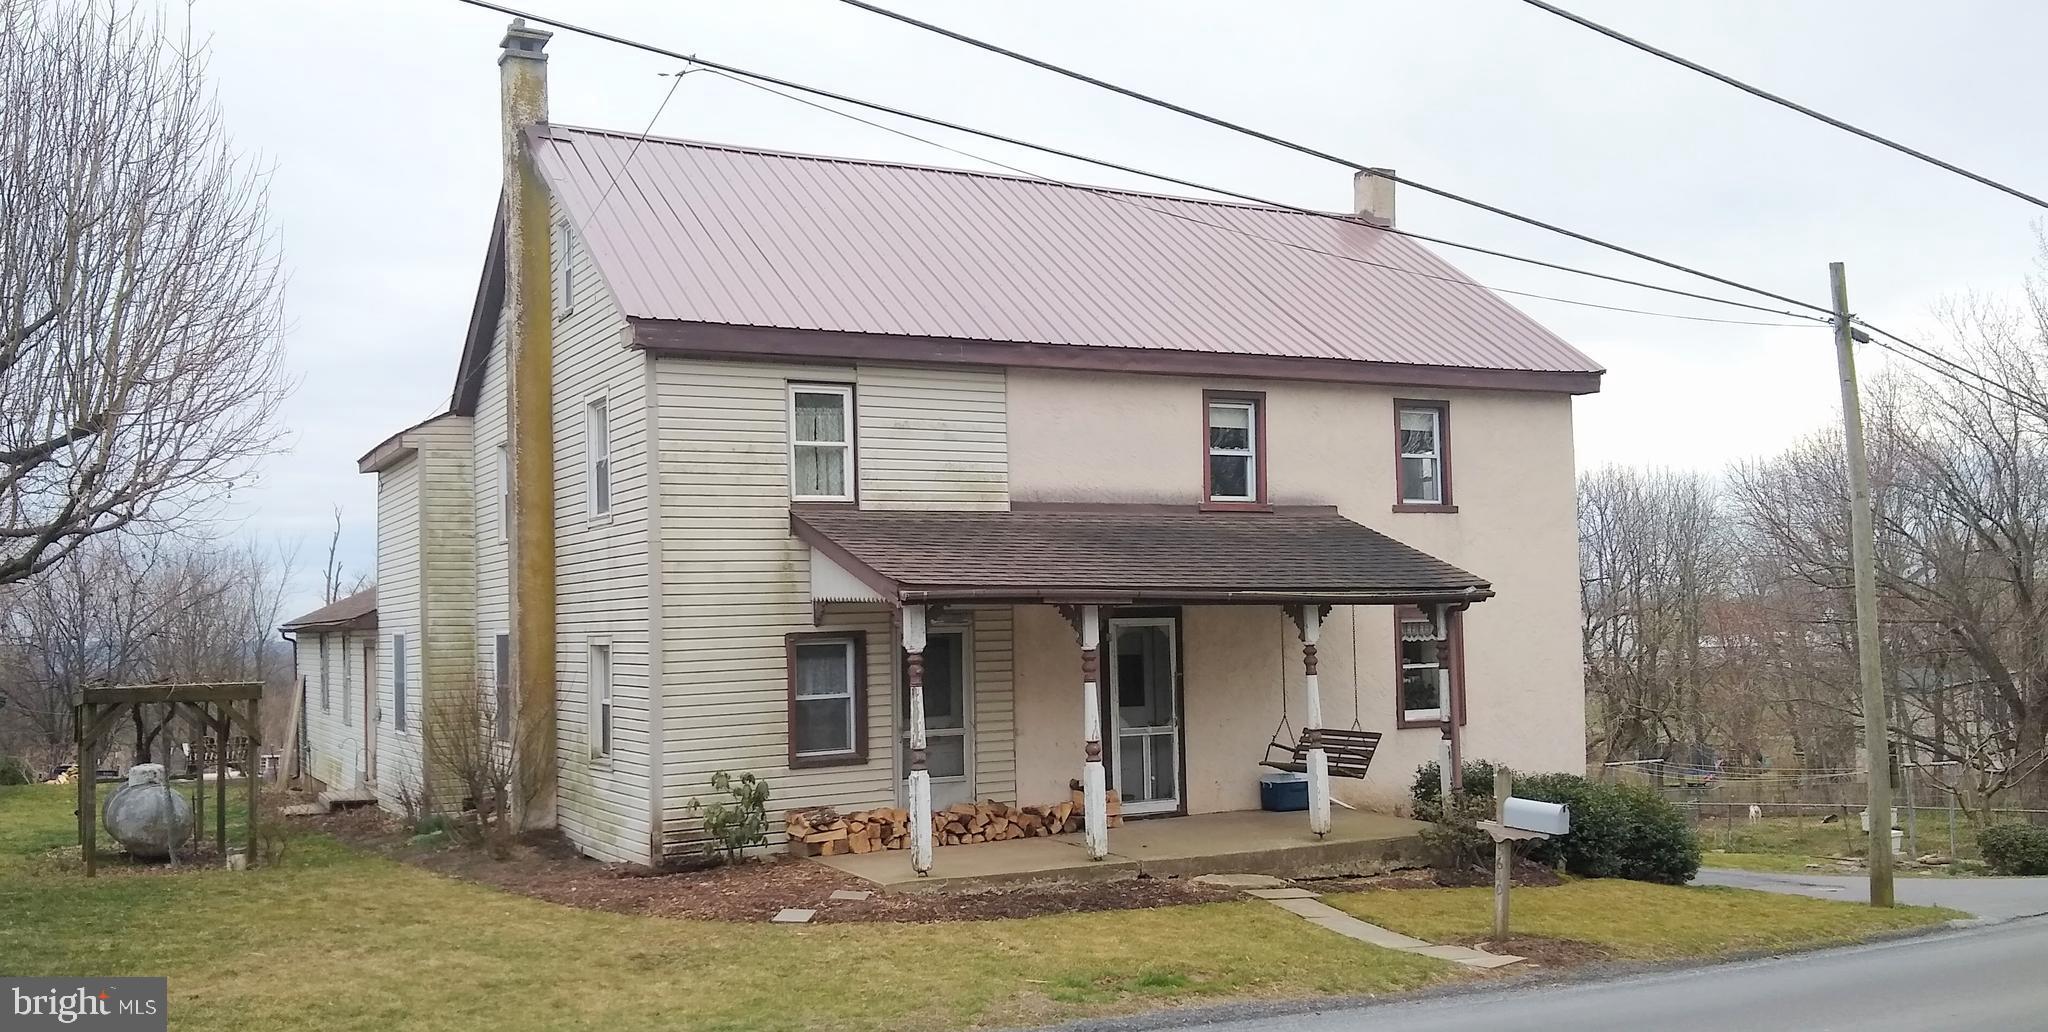 5640 Meadville Road, Gap, PA 17527